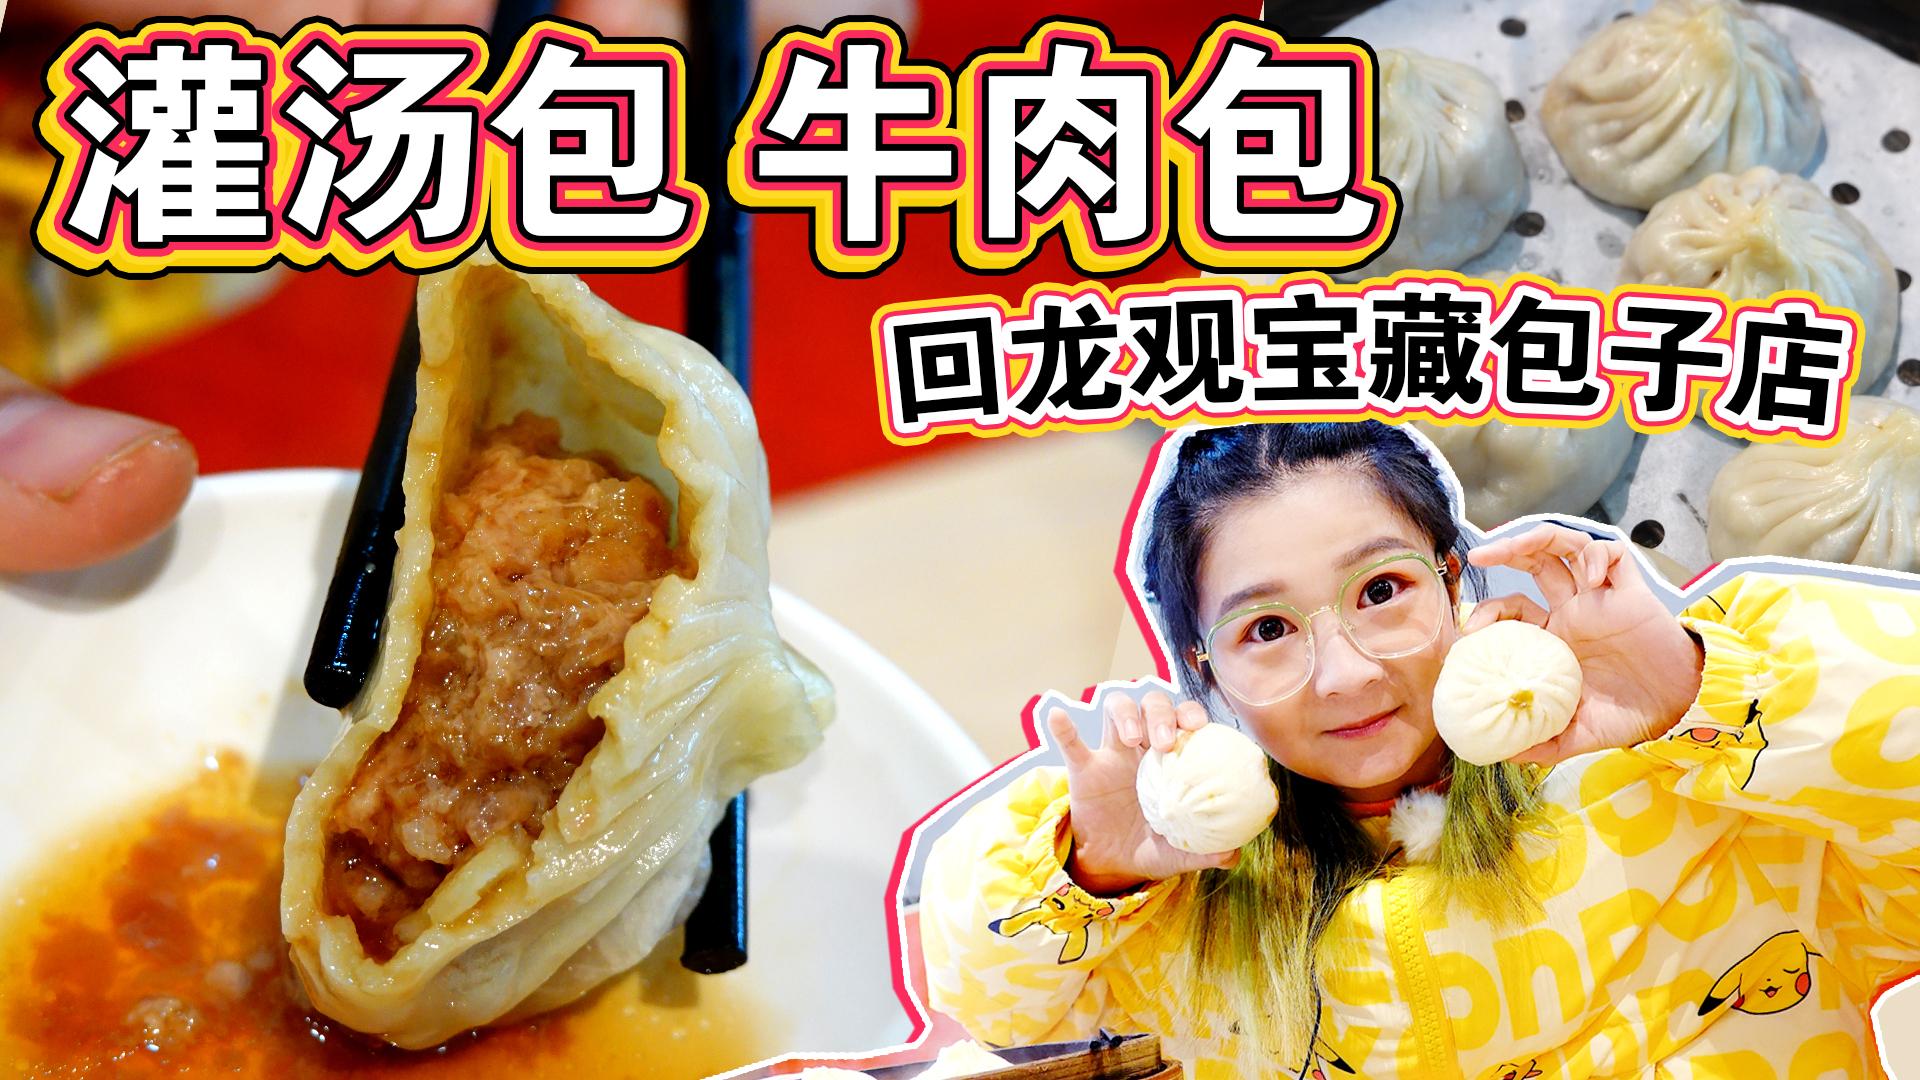 【逛吃北京】在回龙观吃到南方的灌汤包!皮儿薄汁儿多,甜口的!